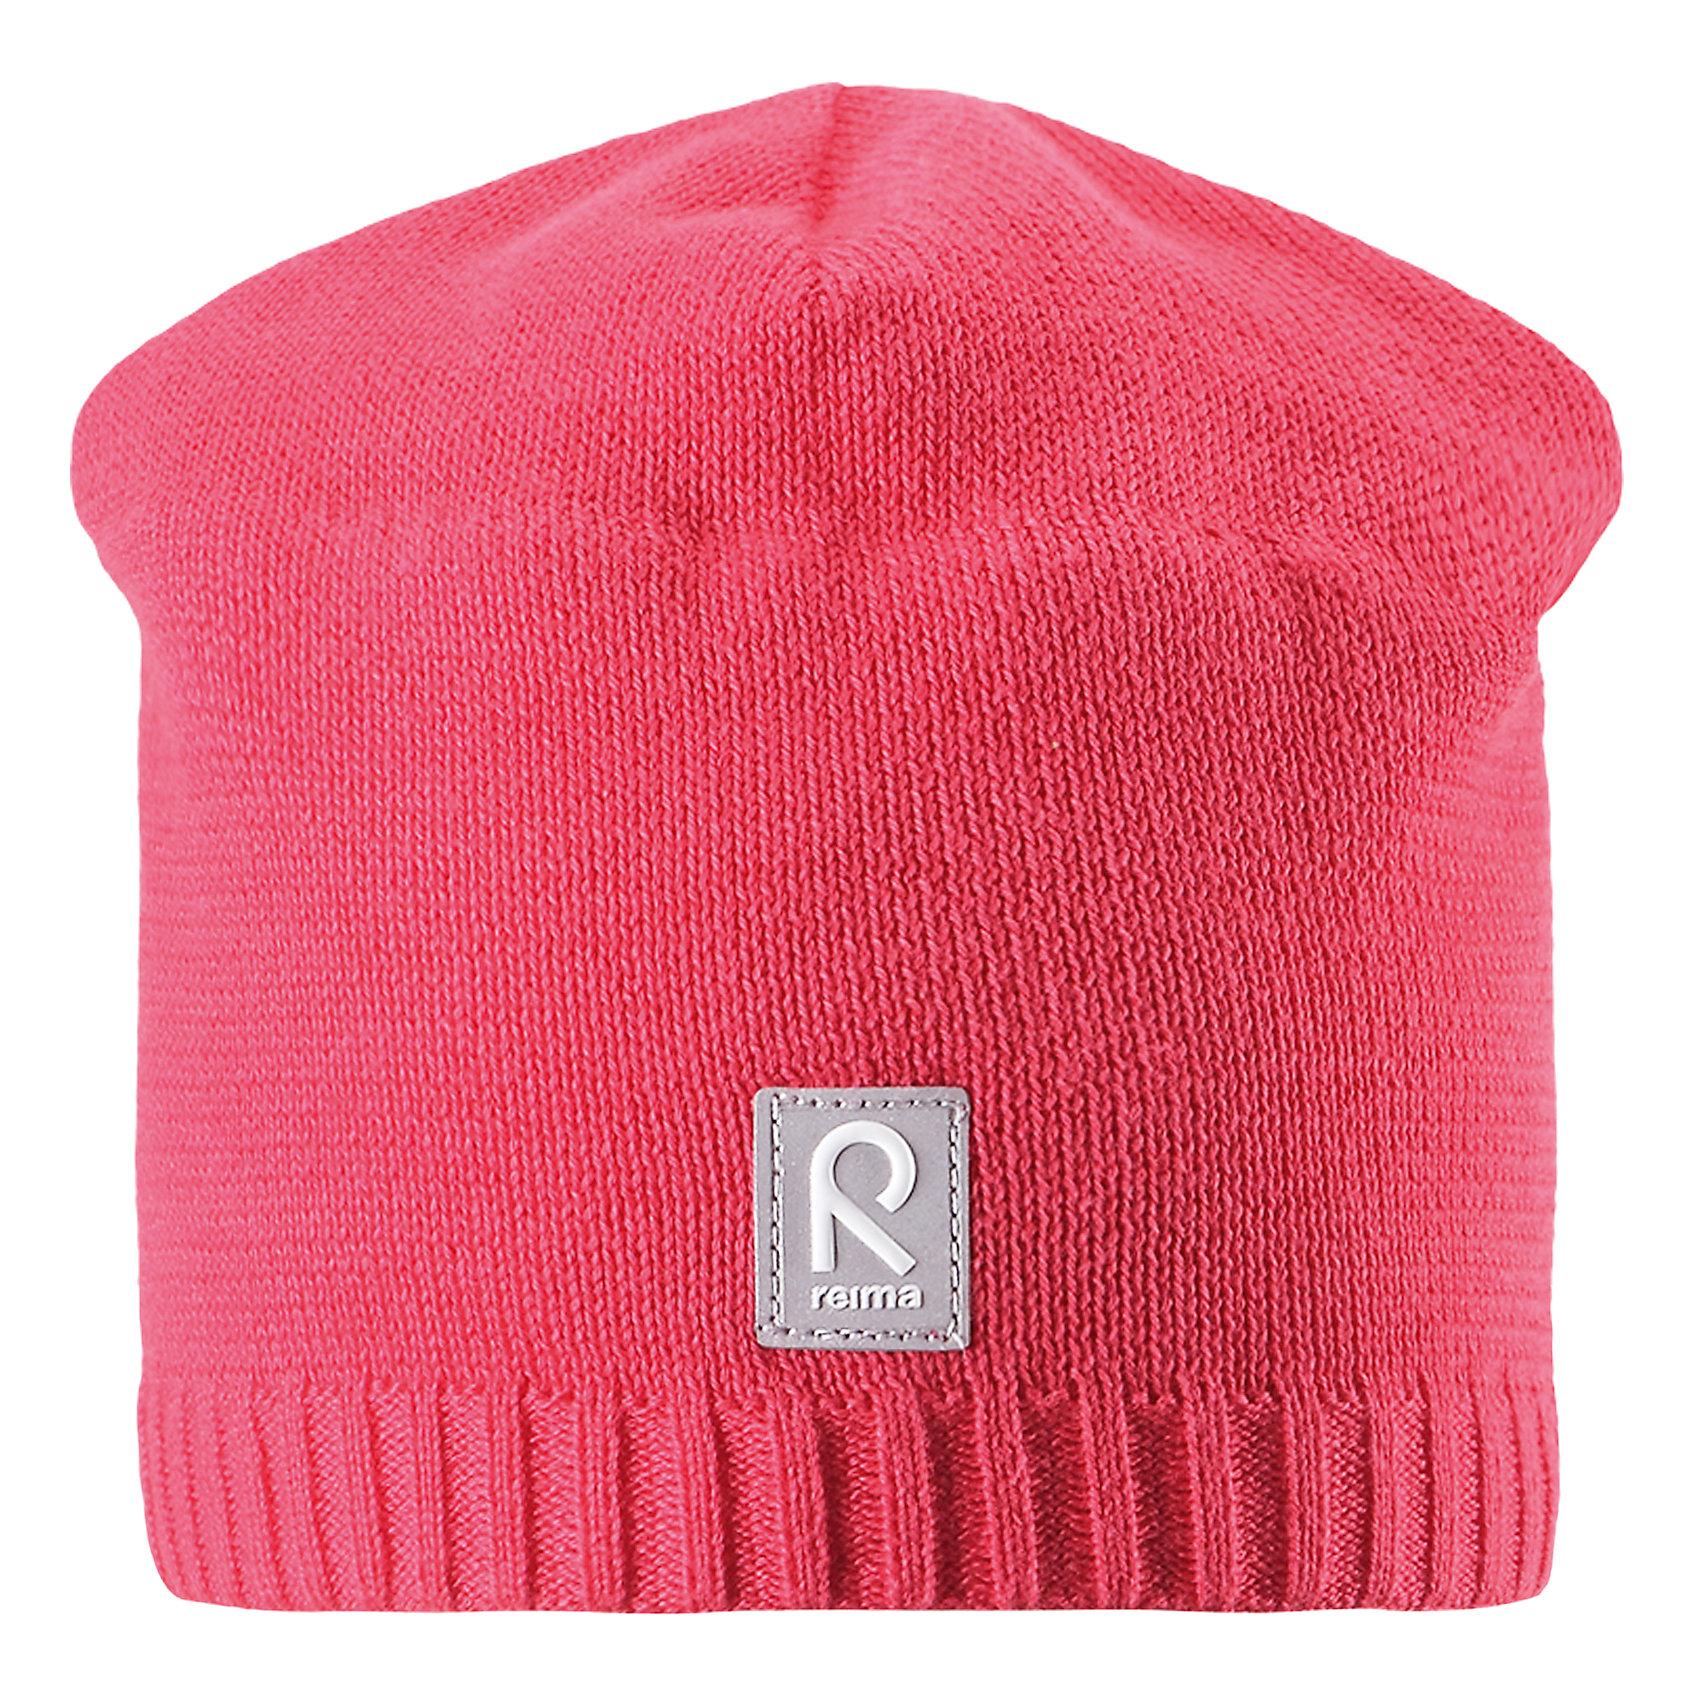 Шапка Datoline для девочки ReimaШапки и шарфы<br>Характеристики товара:<br><br>• цвет: розовый<br>• состав: 100% хлопок<br>• температурный режим: от +7С<br>• эластичный хлопковый трикотаж<br>• изделие сертифицированно по стандарту Oeko-Tex на продукцию класса 2 - одежда, контактирующая с кожей<br>• ветронепроницаемые вставки в области ушей<br>• полуподкладка: хлопковый трикотаж<br>• эмблема Reima спереди<br>• светоотражающая эмблема спереди<br>• страна бренда: Финляндия<br>• страна производства: Китай<br><br>Детский головной убор может быть модным и удобным одновременно! Стильная шапка поможет обеспечить ребенку комфорт и дополнить наряд.Шапка удобно сидит и аккуратно выглядит. Проста в уходе, долго служит. Стильный дизайн разрабатывался специально для детей. Отличная защита от дождя и ветра!<br><br>Уход:<br><br>• стирать по отдельности, вывернув наизнанку<br>• придать первоначальную форму вo влажном виде<br>• возможна усадка 5 %.<br><br>Шапку от финского бренда Reima (Рейма) можно купить в нашем интернет-магазине.<br><br>Ширина мм: 89<br>Глубина мм: 117<br>Высота мм: 44<br>Вес г: 155<br>Цвет: розовый<br>Возраст от месяцев: 18<br>Возраст до месяцев: 36<br>Пол: Женский<br>Возраст: Детский<br>Размер: 50,56,54,52<br>SKU: 5267975